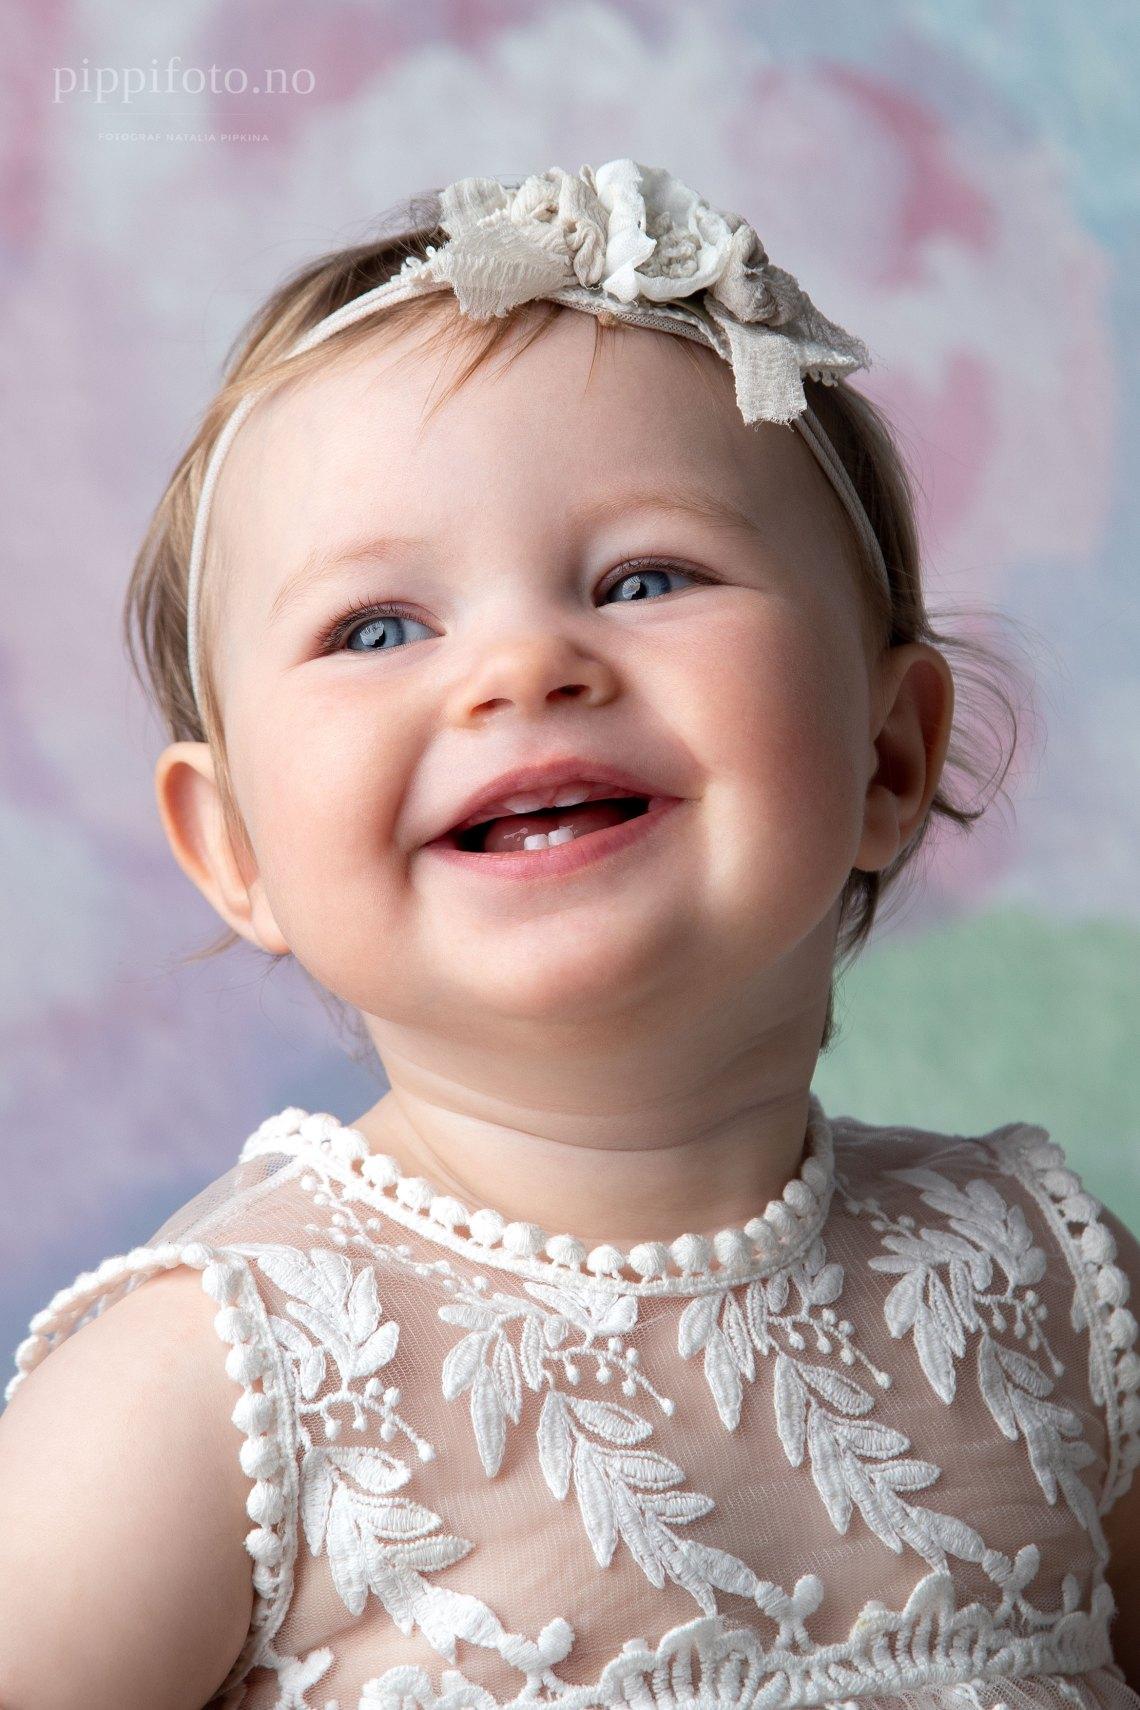 ettårsfotografering-ettåring-barnefotograf-babyfotografering-oslo